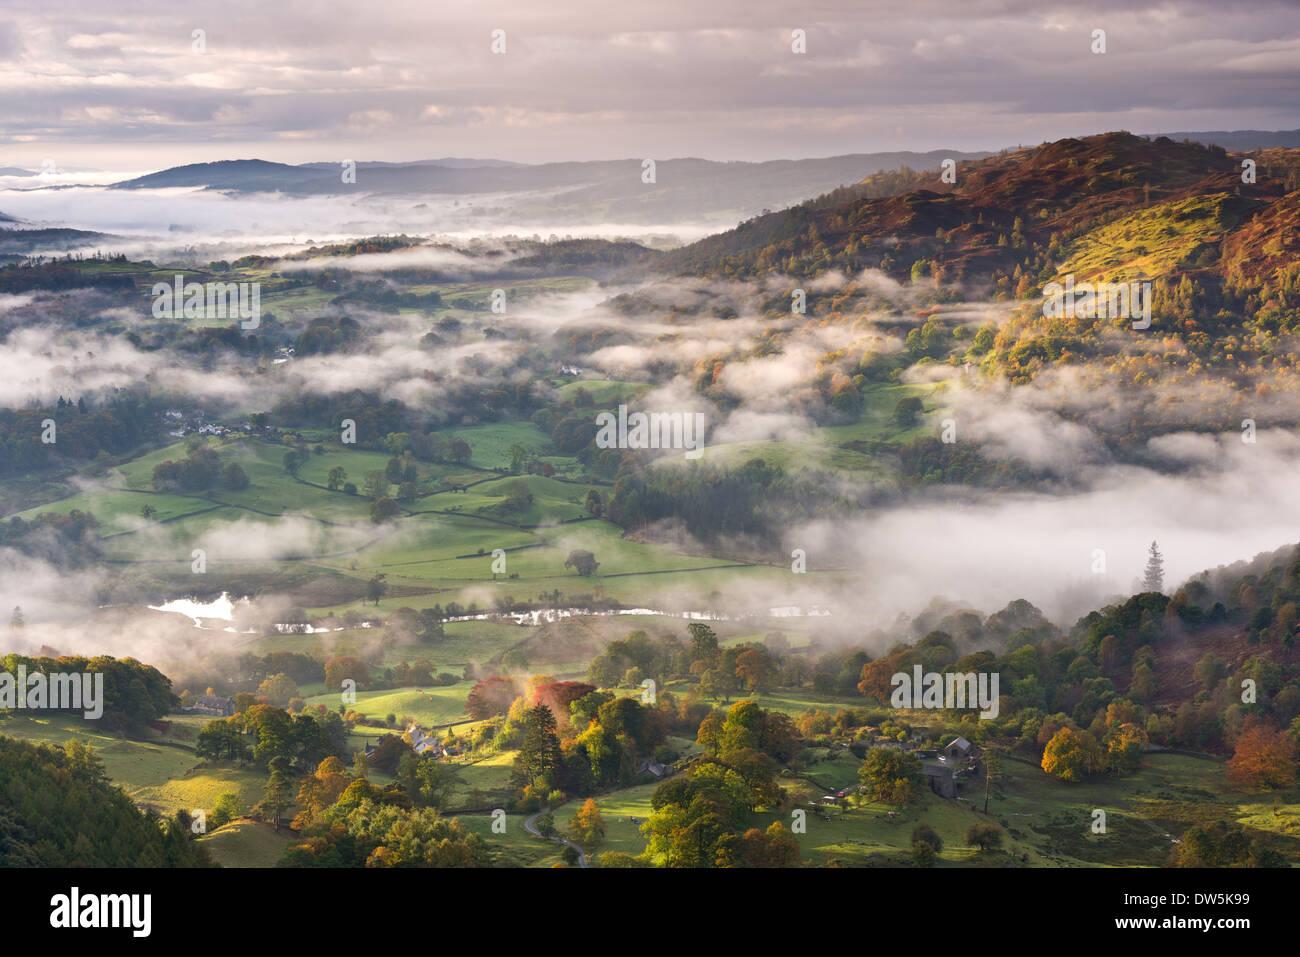 Des taches de brume du matin flotter au-dessus de campagne près de la rivière Brathay, Parc National de Lake District, Cumbria, Angleterre. Photo Stock